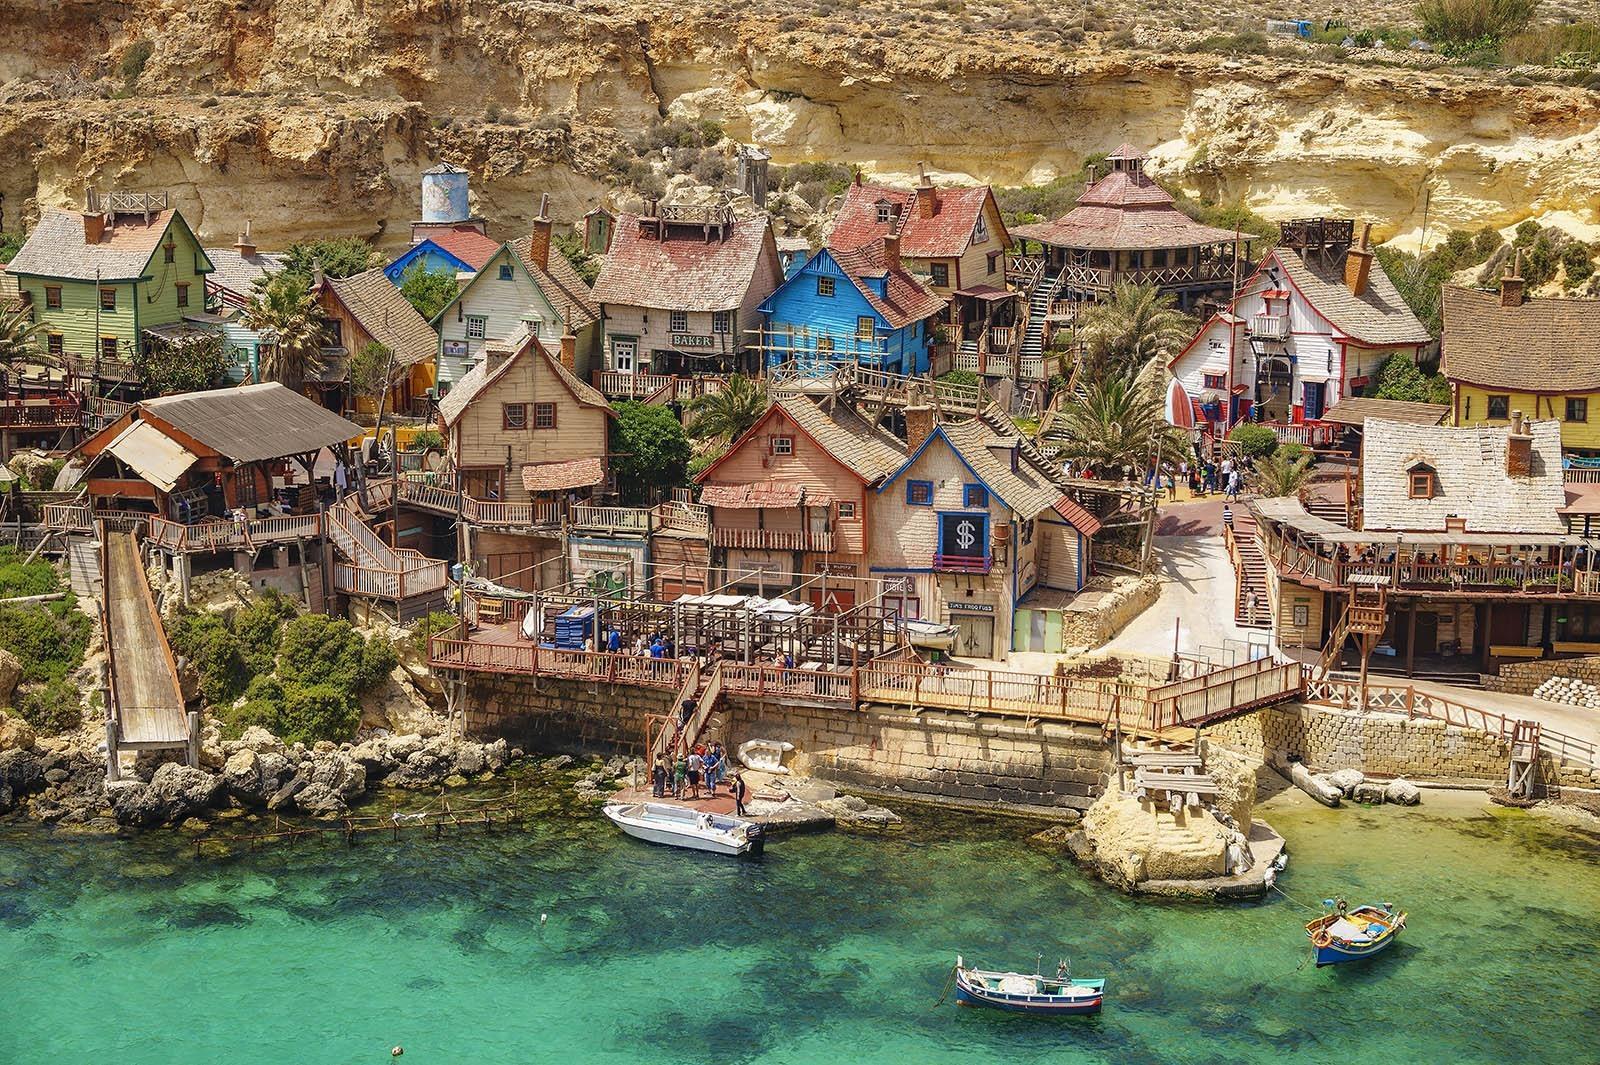 Kindvriendelijk Appartement Inspiratie : Malta met kinderen kindvriendelijke attracties oudersproof